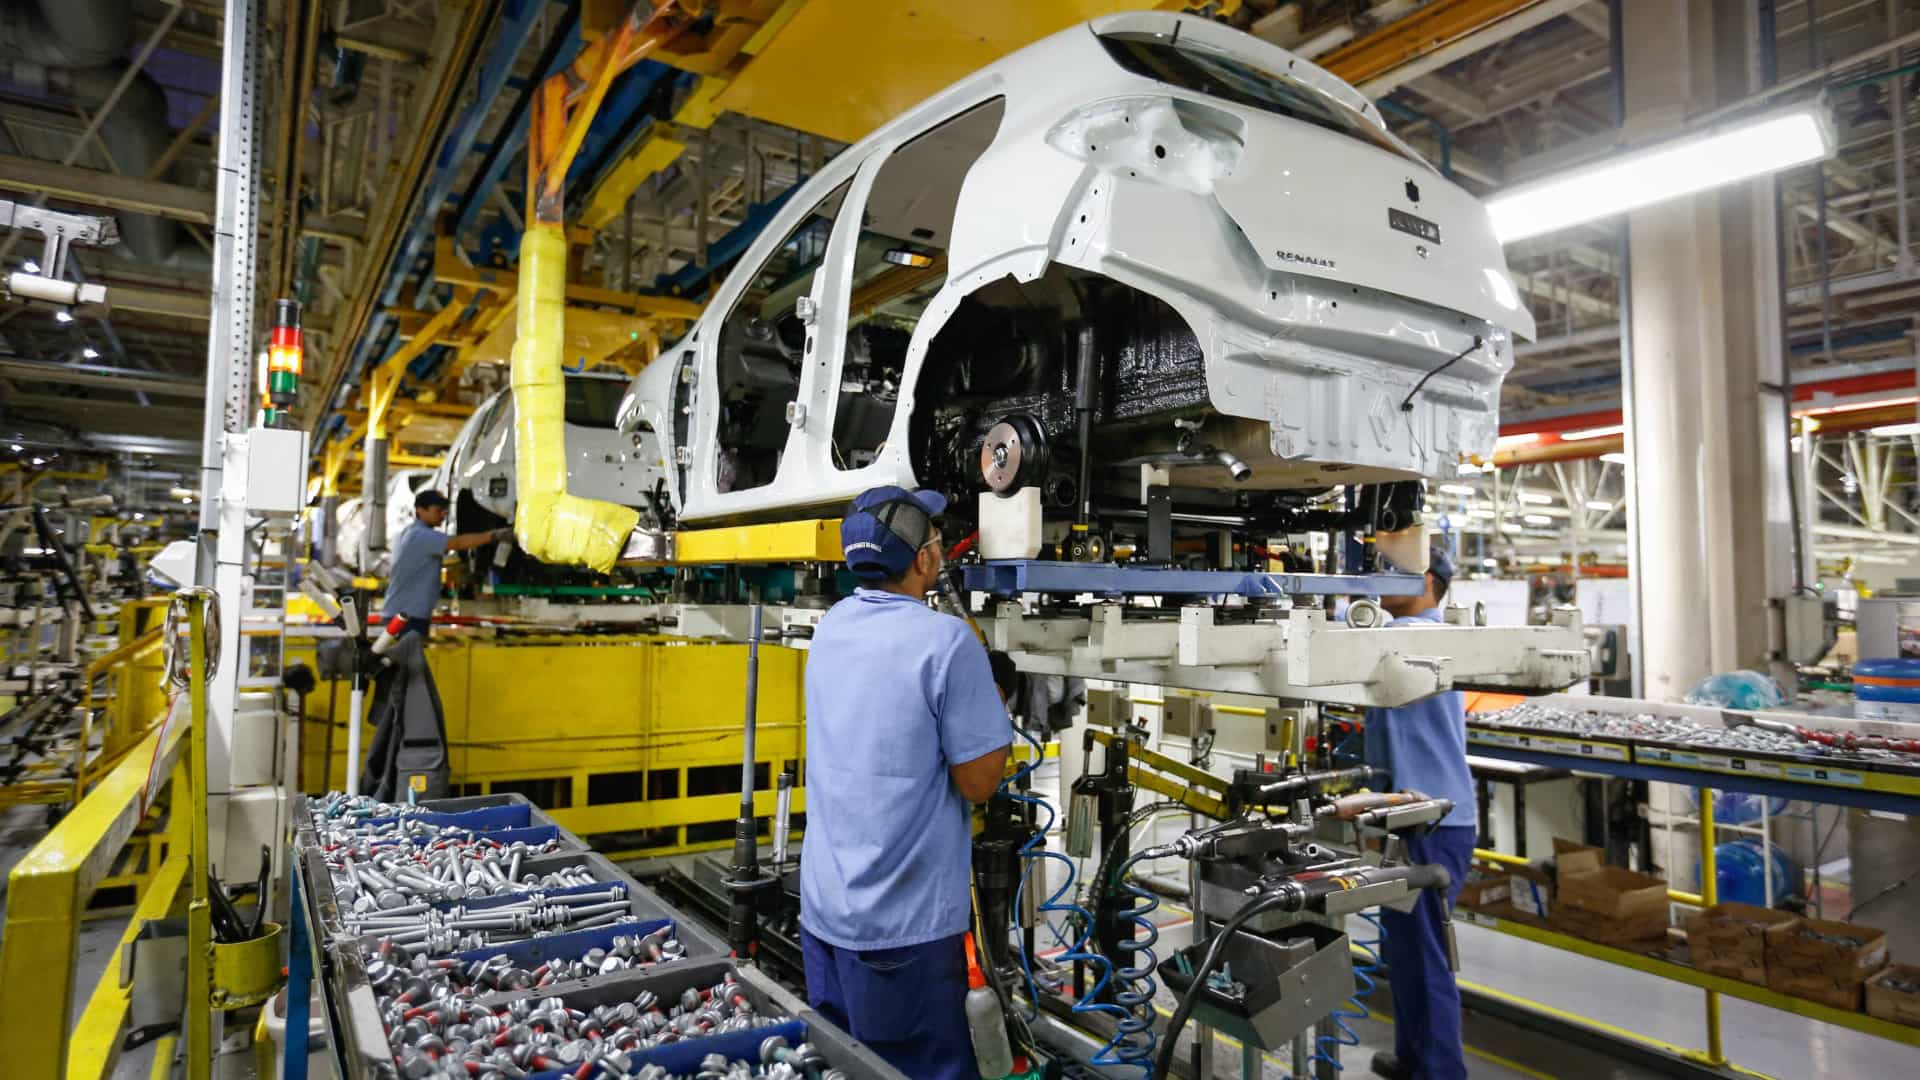 Sindicatos falam em 50 mil empregos afetados com Ford e culpam governo Bolsonaro